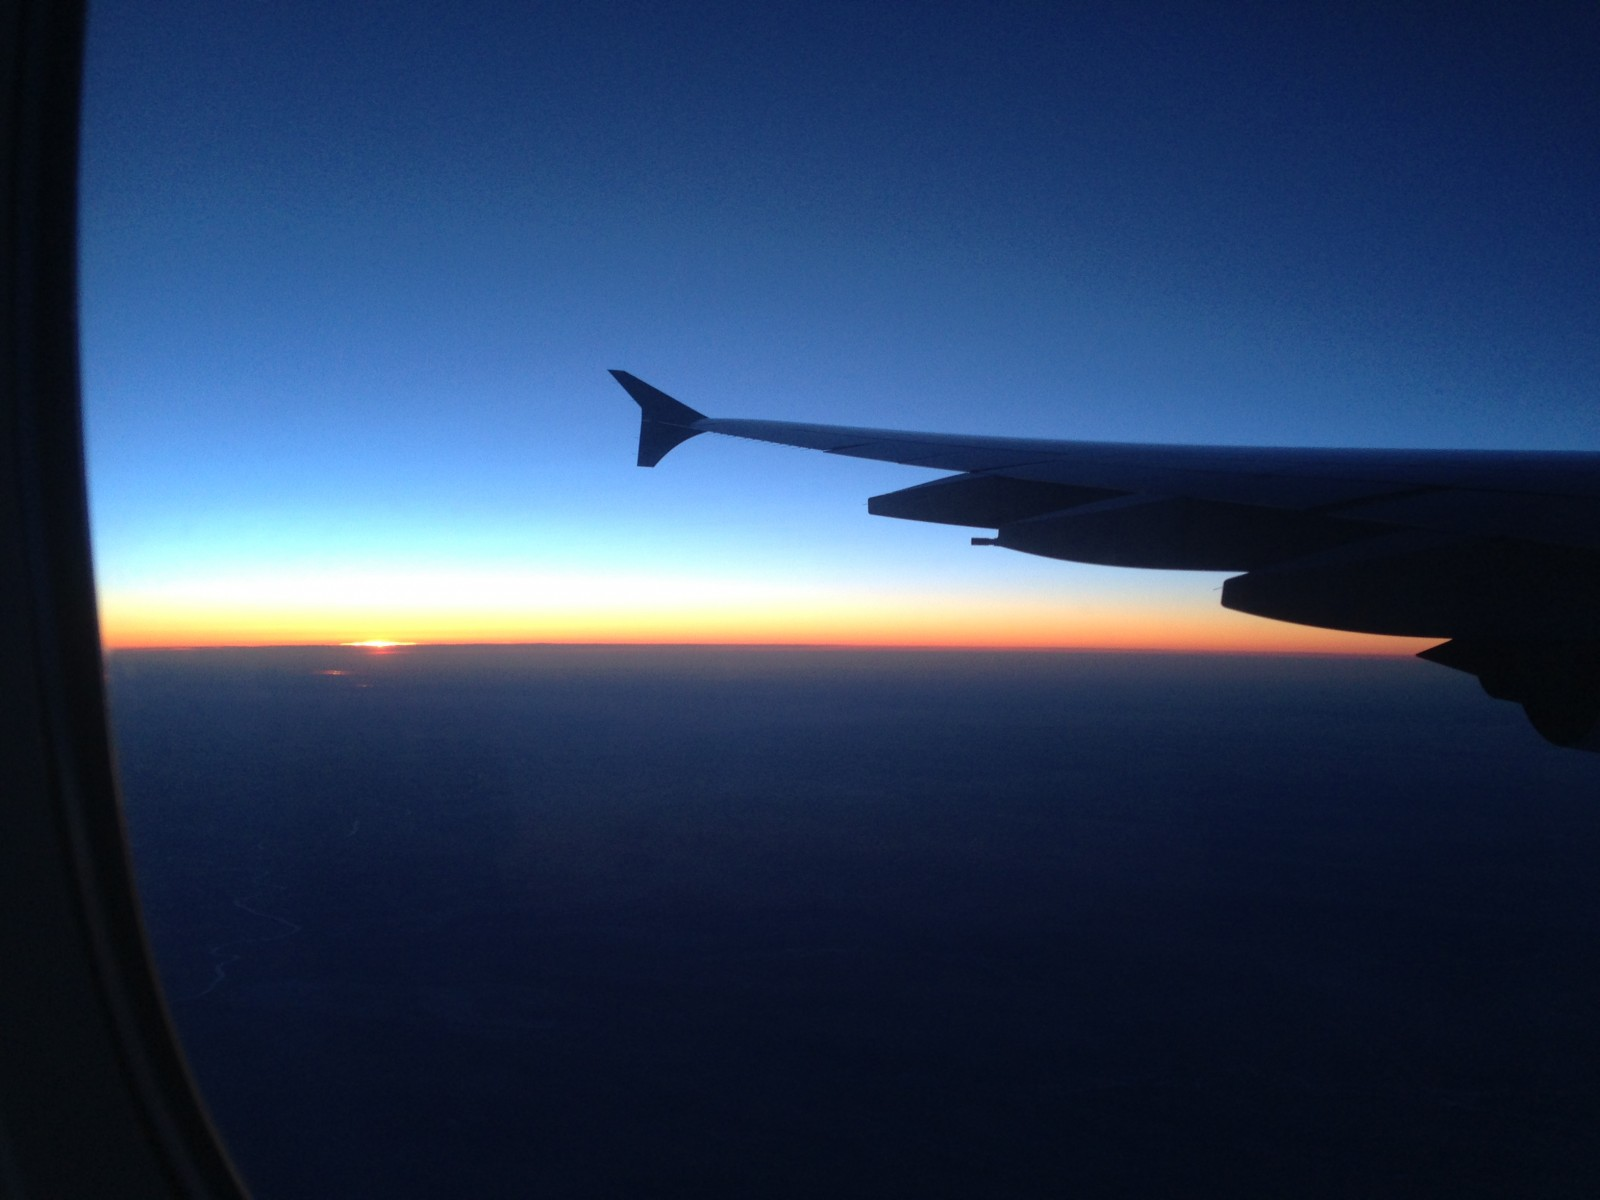 エールフランス航空275便 成田→パリ(ドゴール) 搭乗記